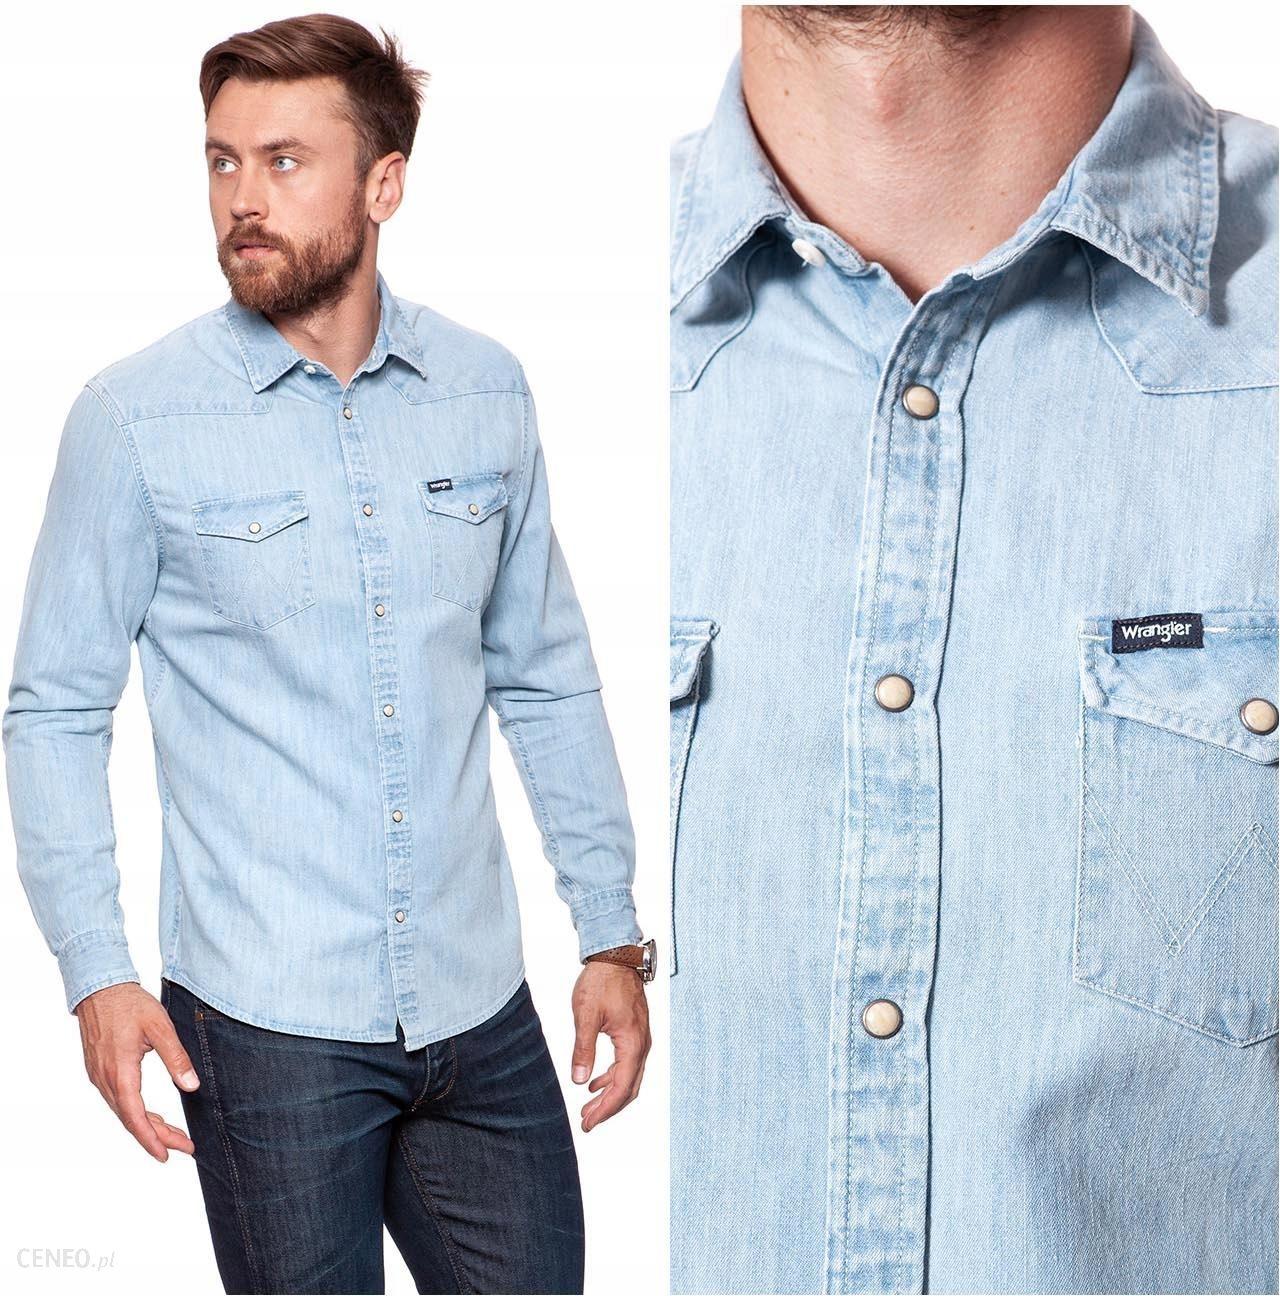 3c809cbf Wrangler Western Shirt Koszula Męska Jeansowa L - Ceny i opinie - Ceneo.pl